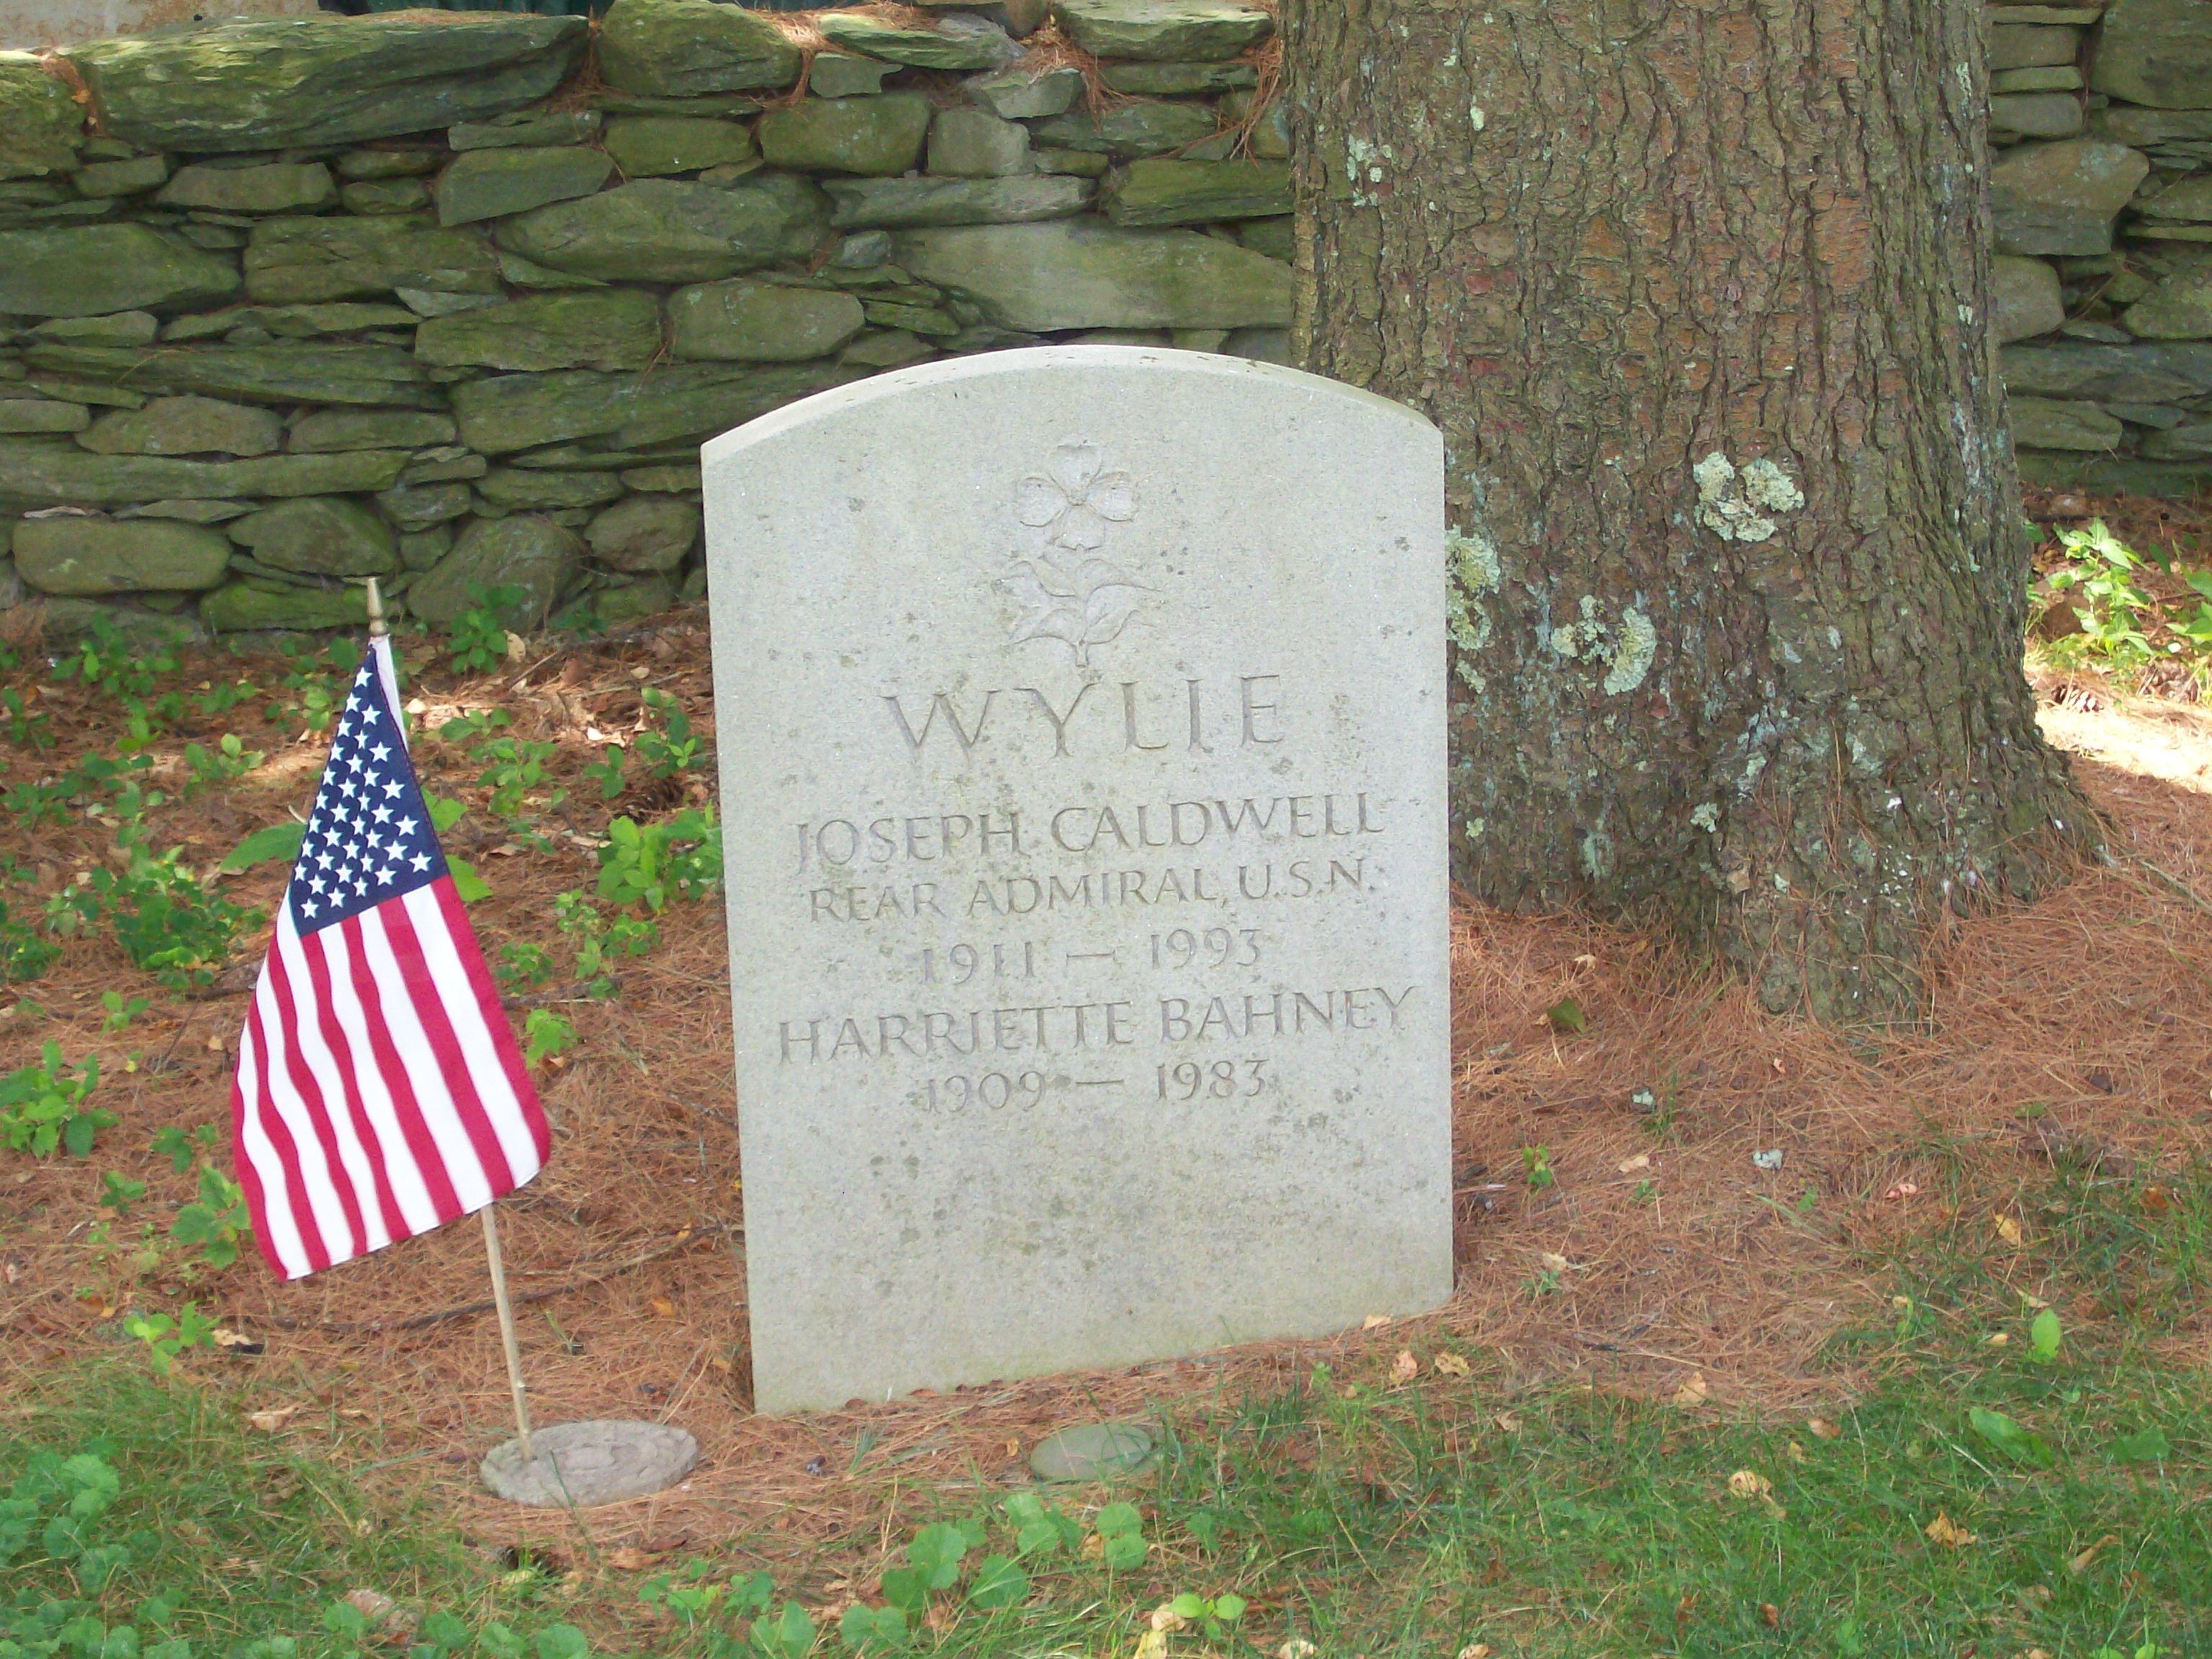 Wylie's headstone